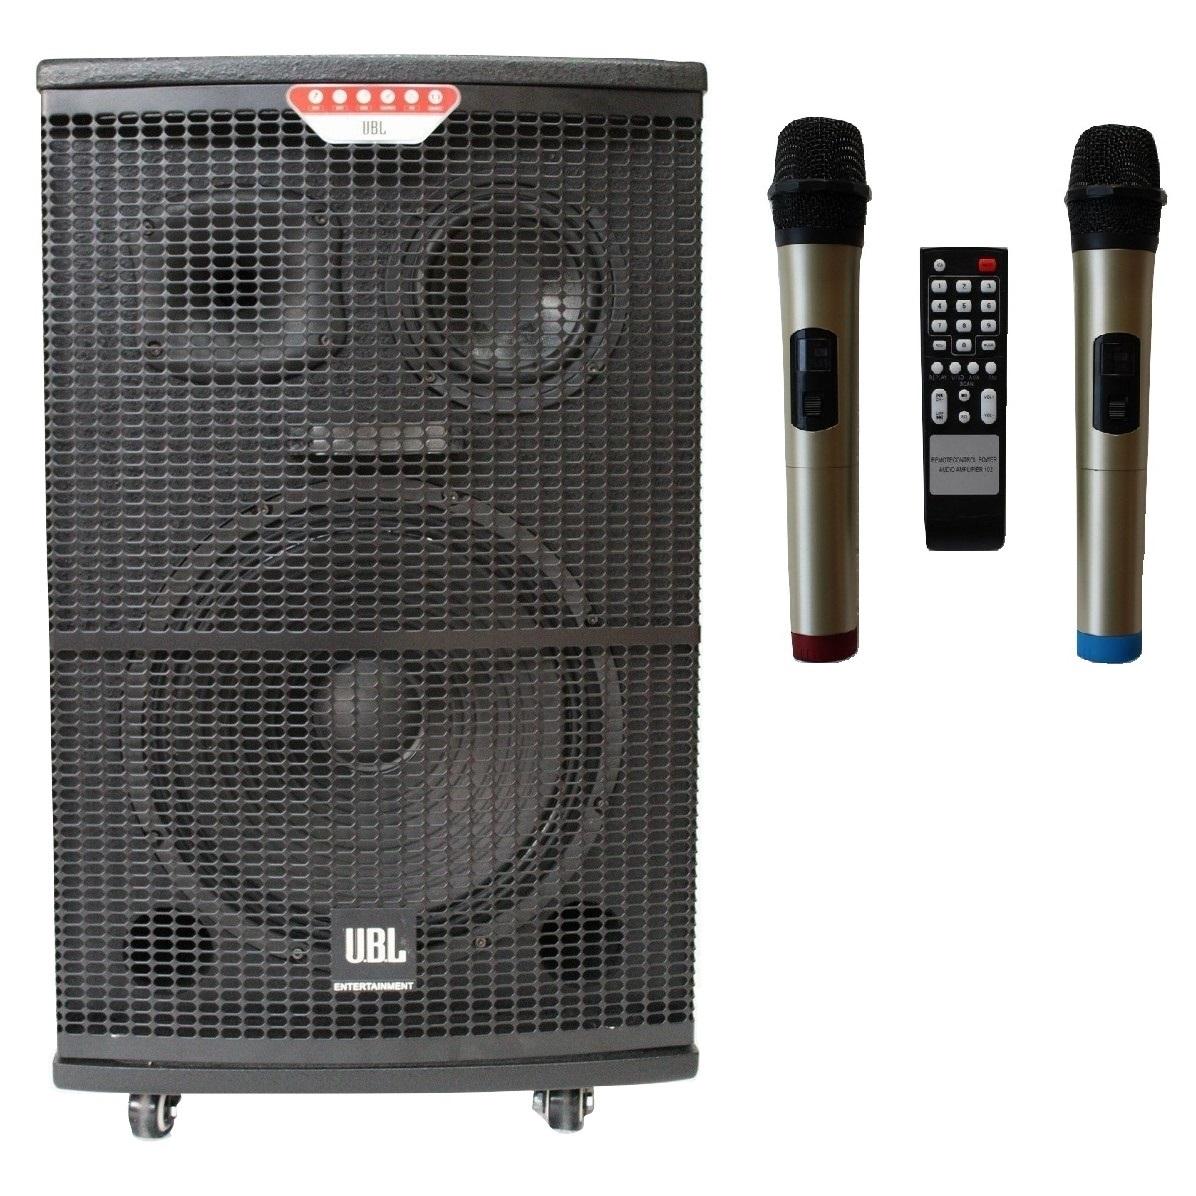 Loa Kéo Di Động Karaoke Bass 30 U.B.L LK-30U40 (600W) 3 Tấc - Màu Ngẫu Nhiên - Chính Hãng